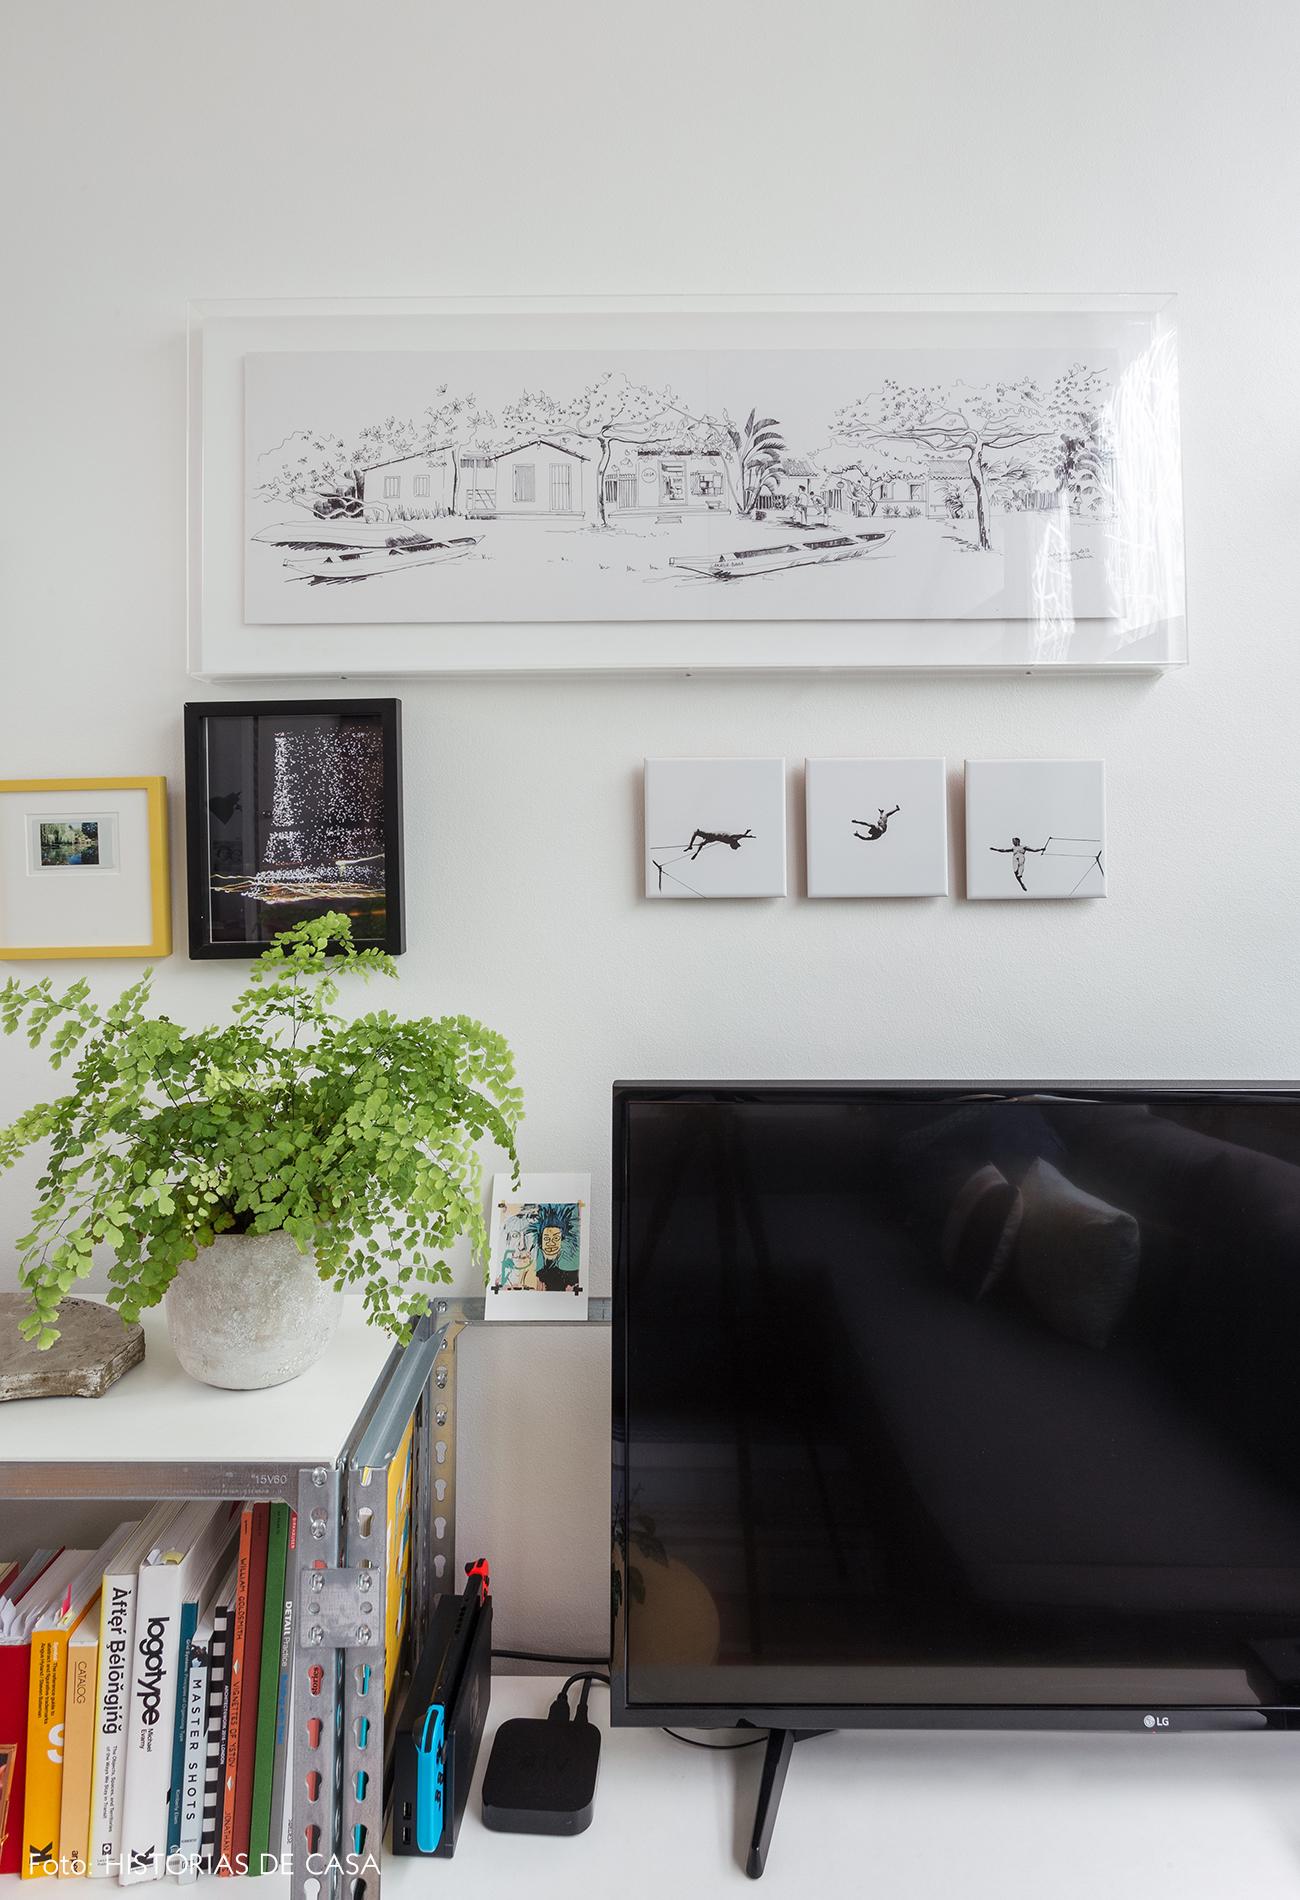 06-decoracao-apartamento-pequeno-quadros-e-detalhes-na-parede